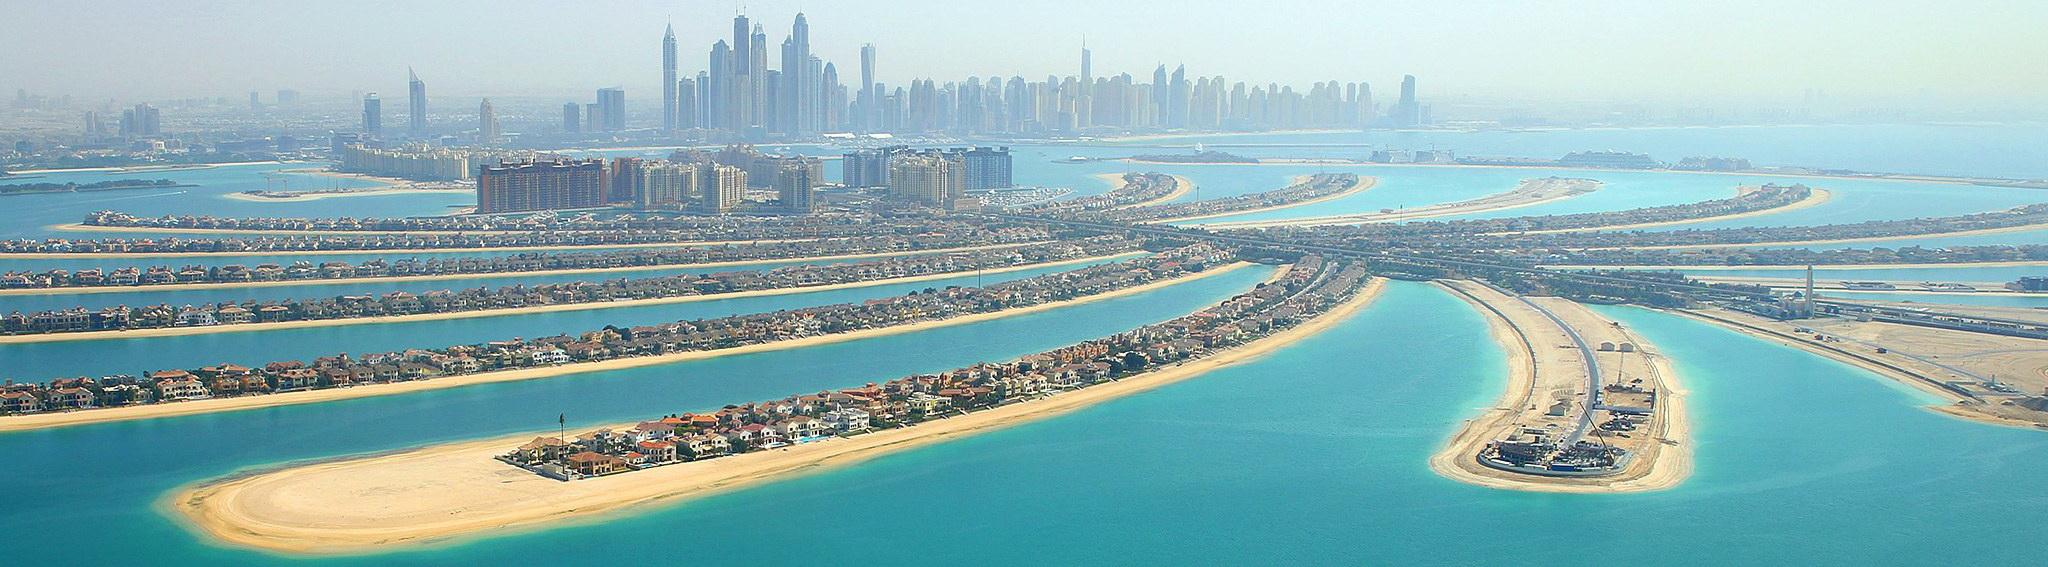 Palm Island, Dubaj - úžasné stavební projekty světa